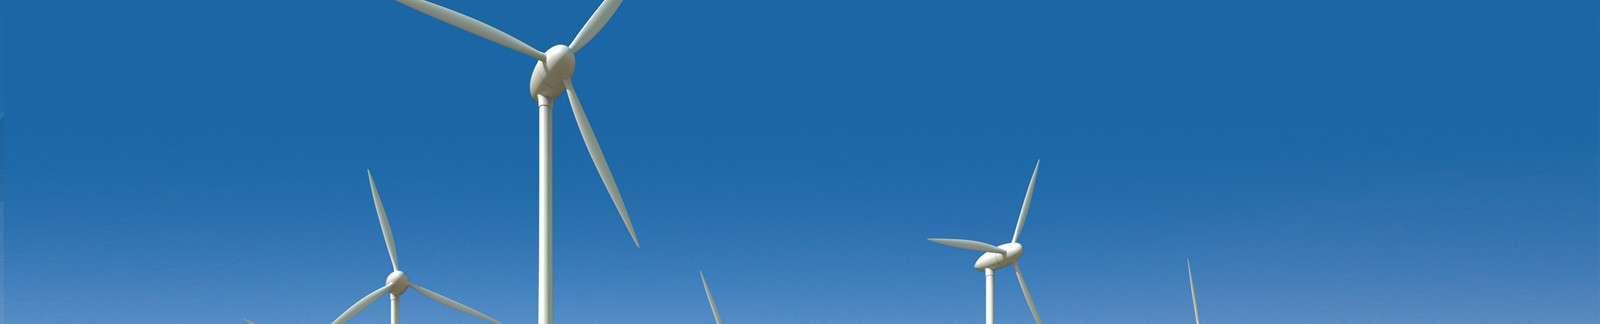 wind-energie-headerimage